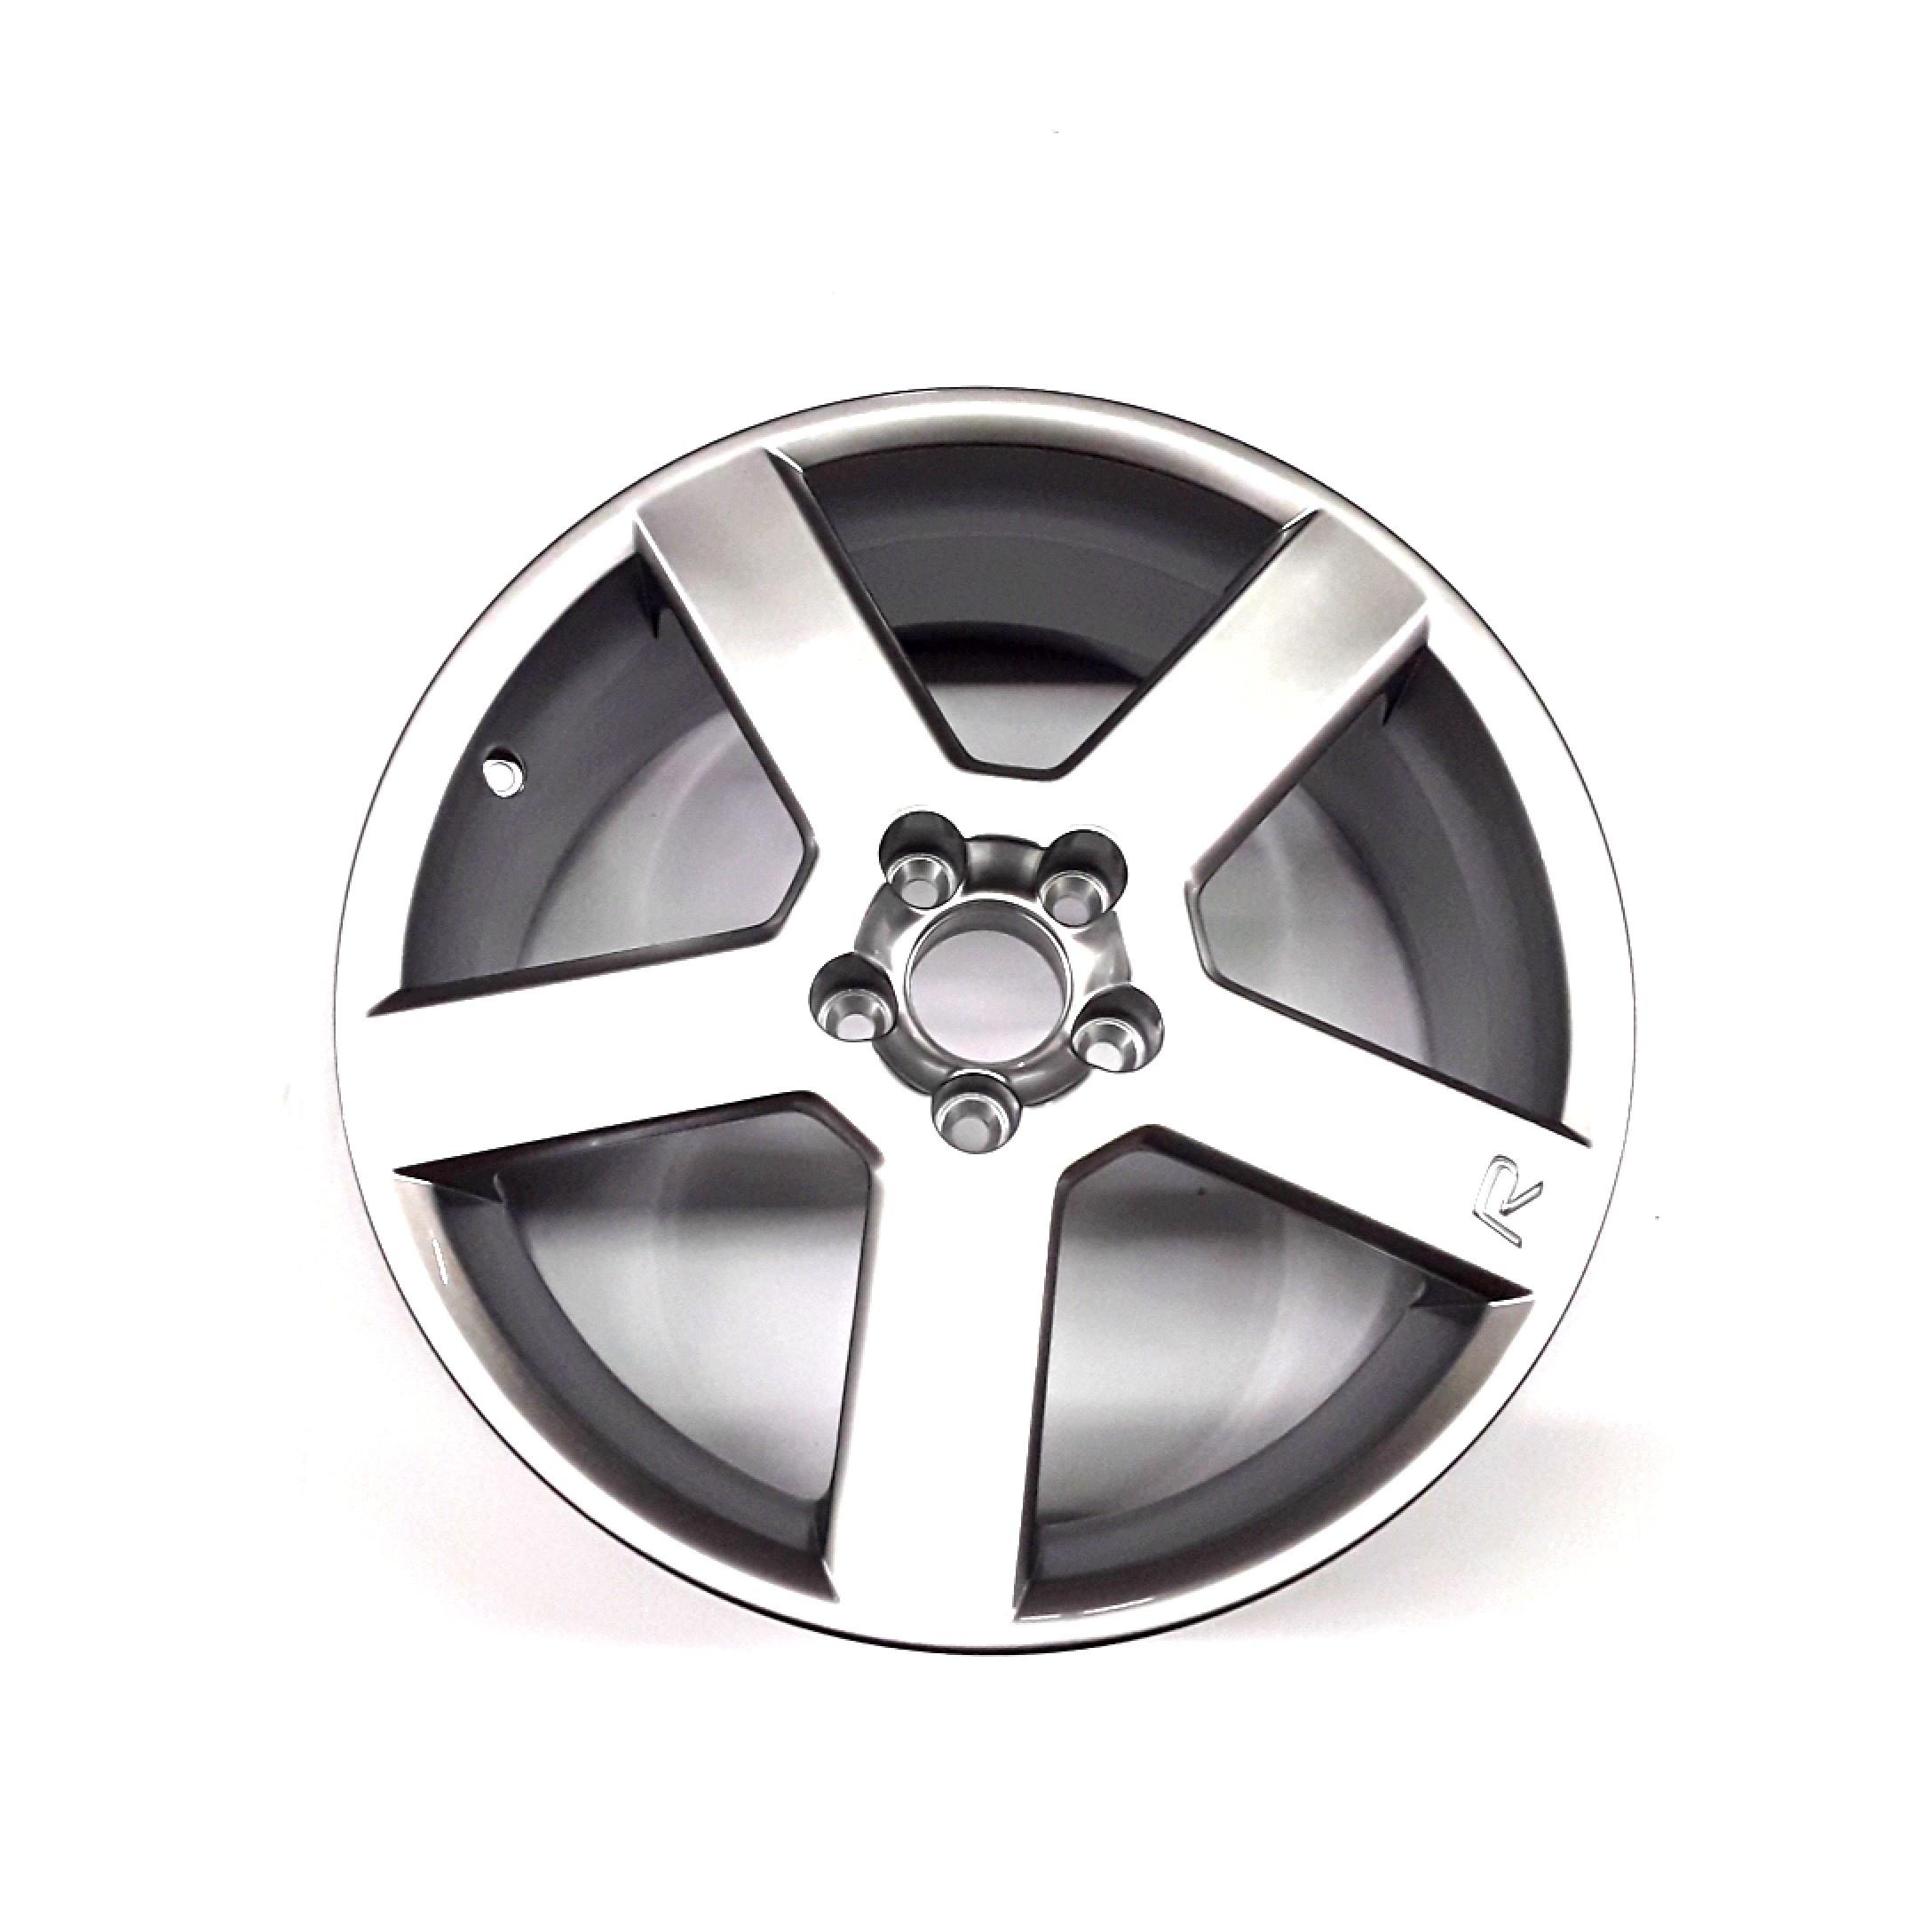 Volvo S60 Grey Car Full Hd Wallpaper: Aluminum Rim. Code, Aluminium, Rims